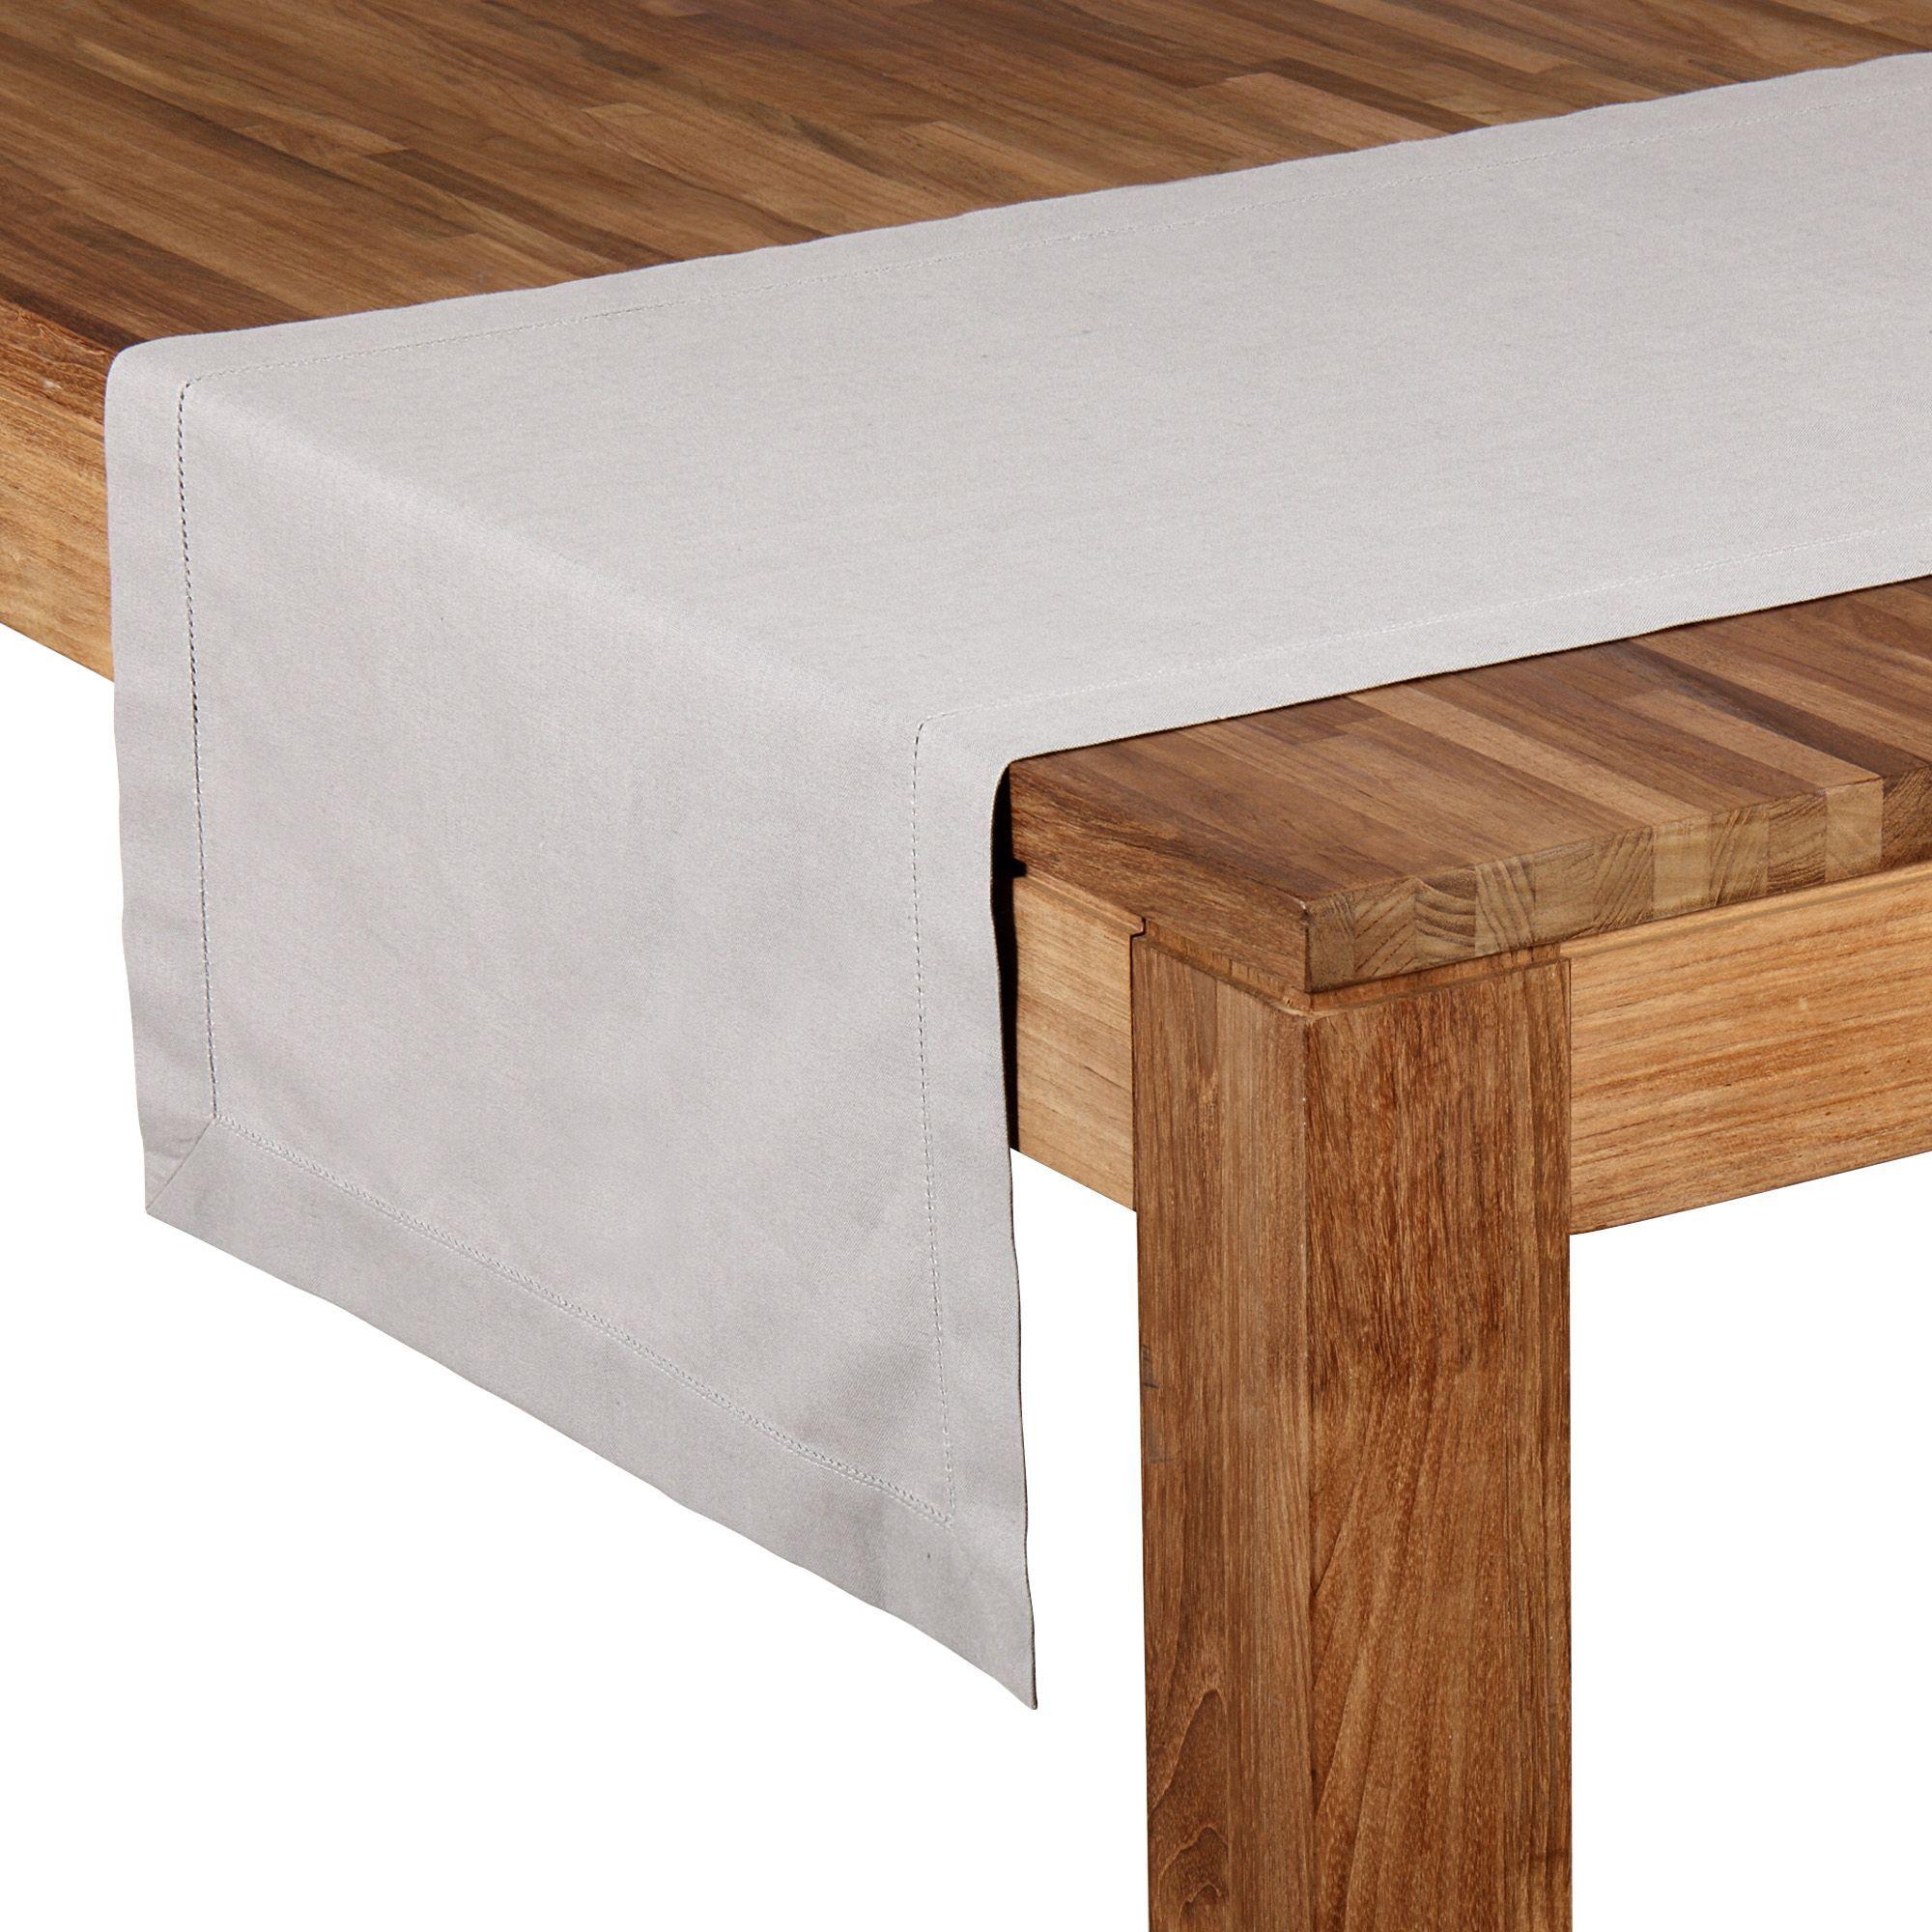 4f0d7c1584d2aae650f55903b71b95ea Unique De Nappe Pour Table Basse Schème